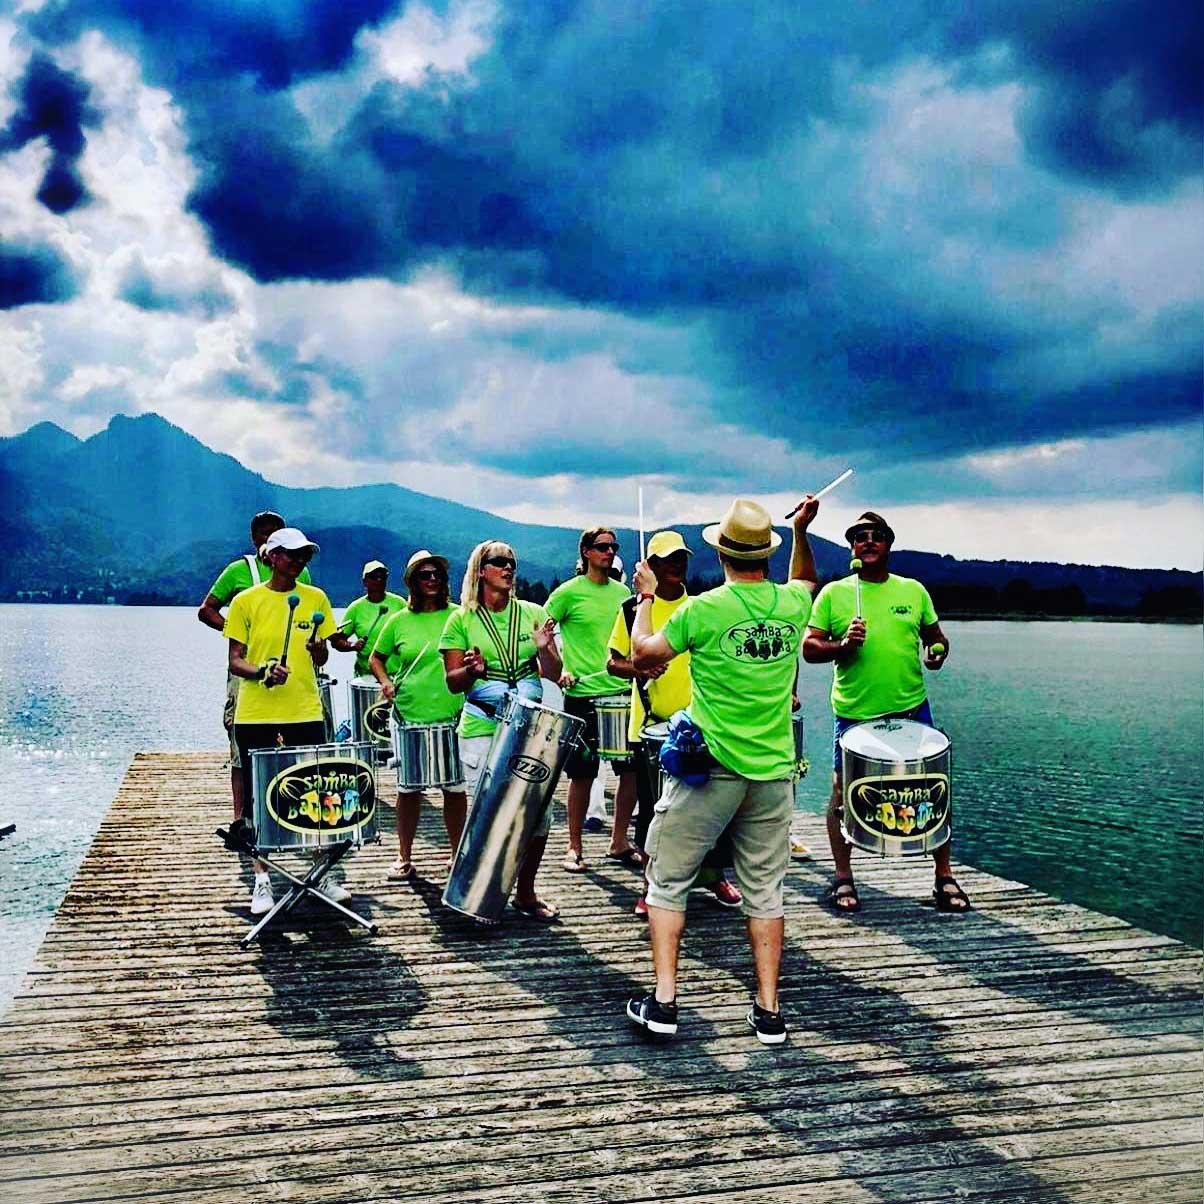 Live Band auf Steg vor See